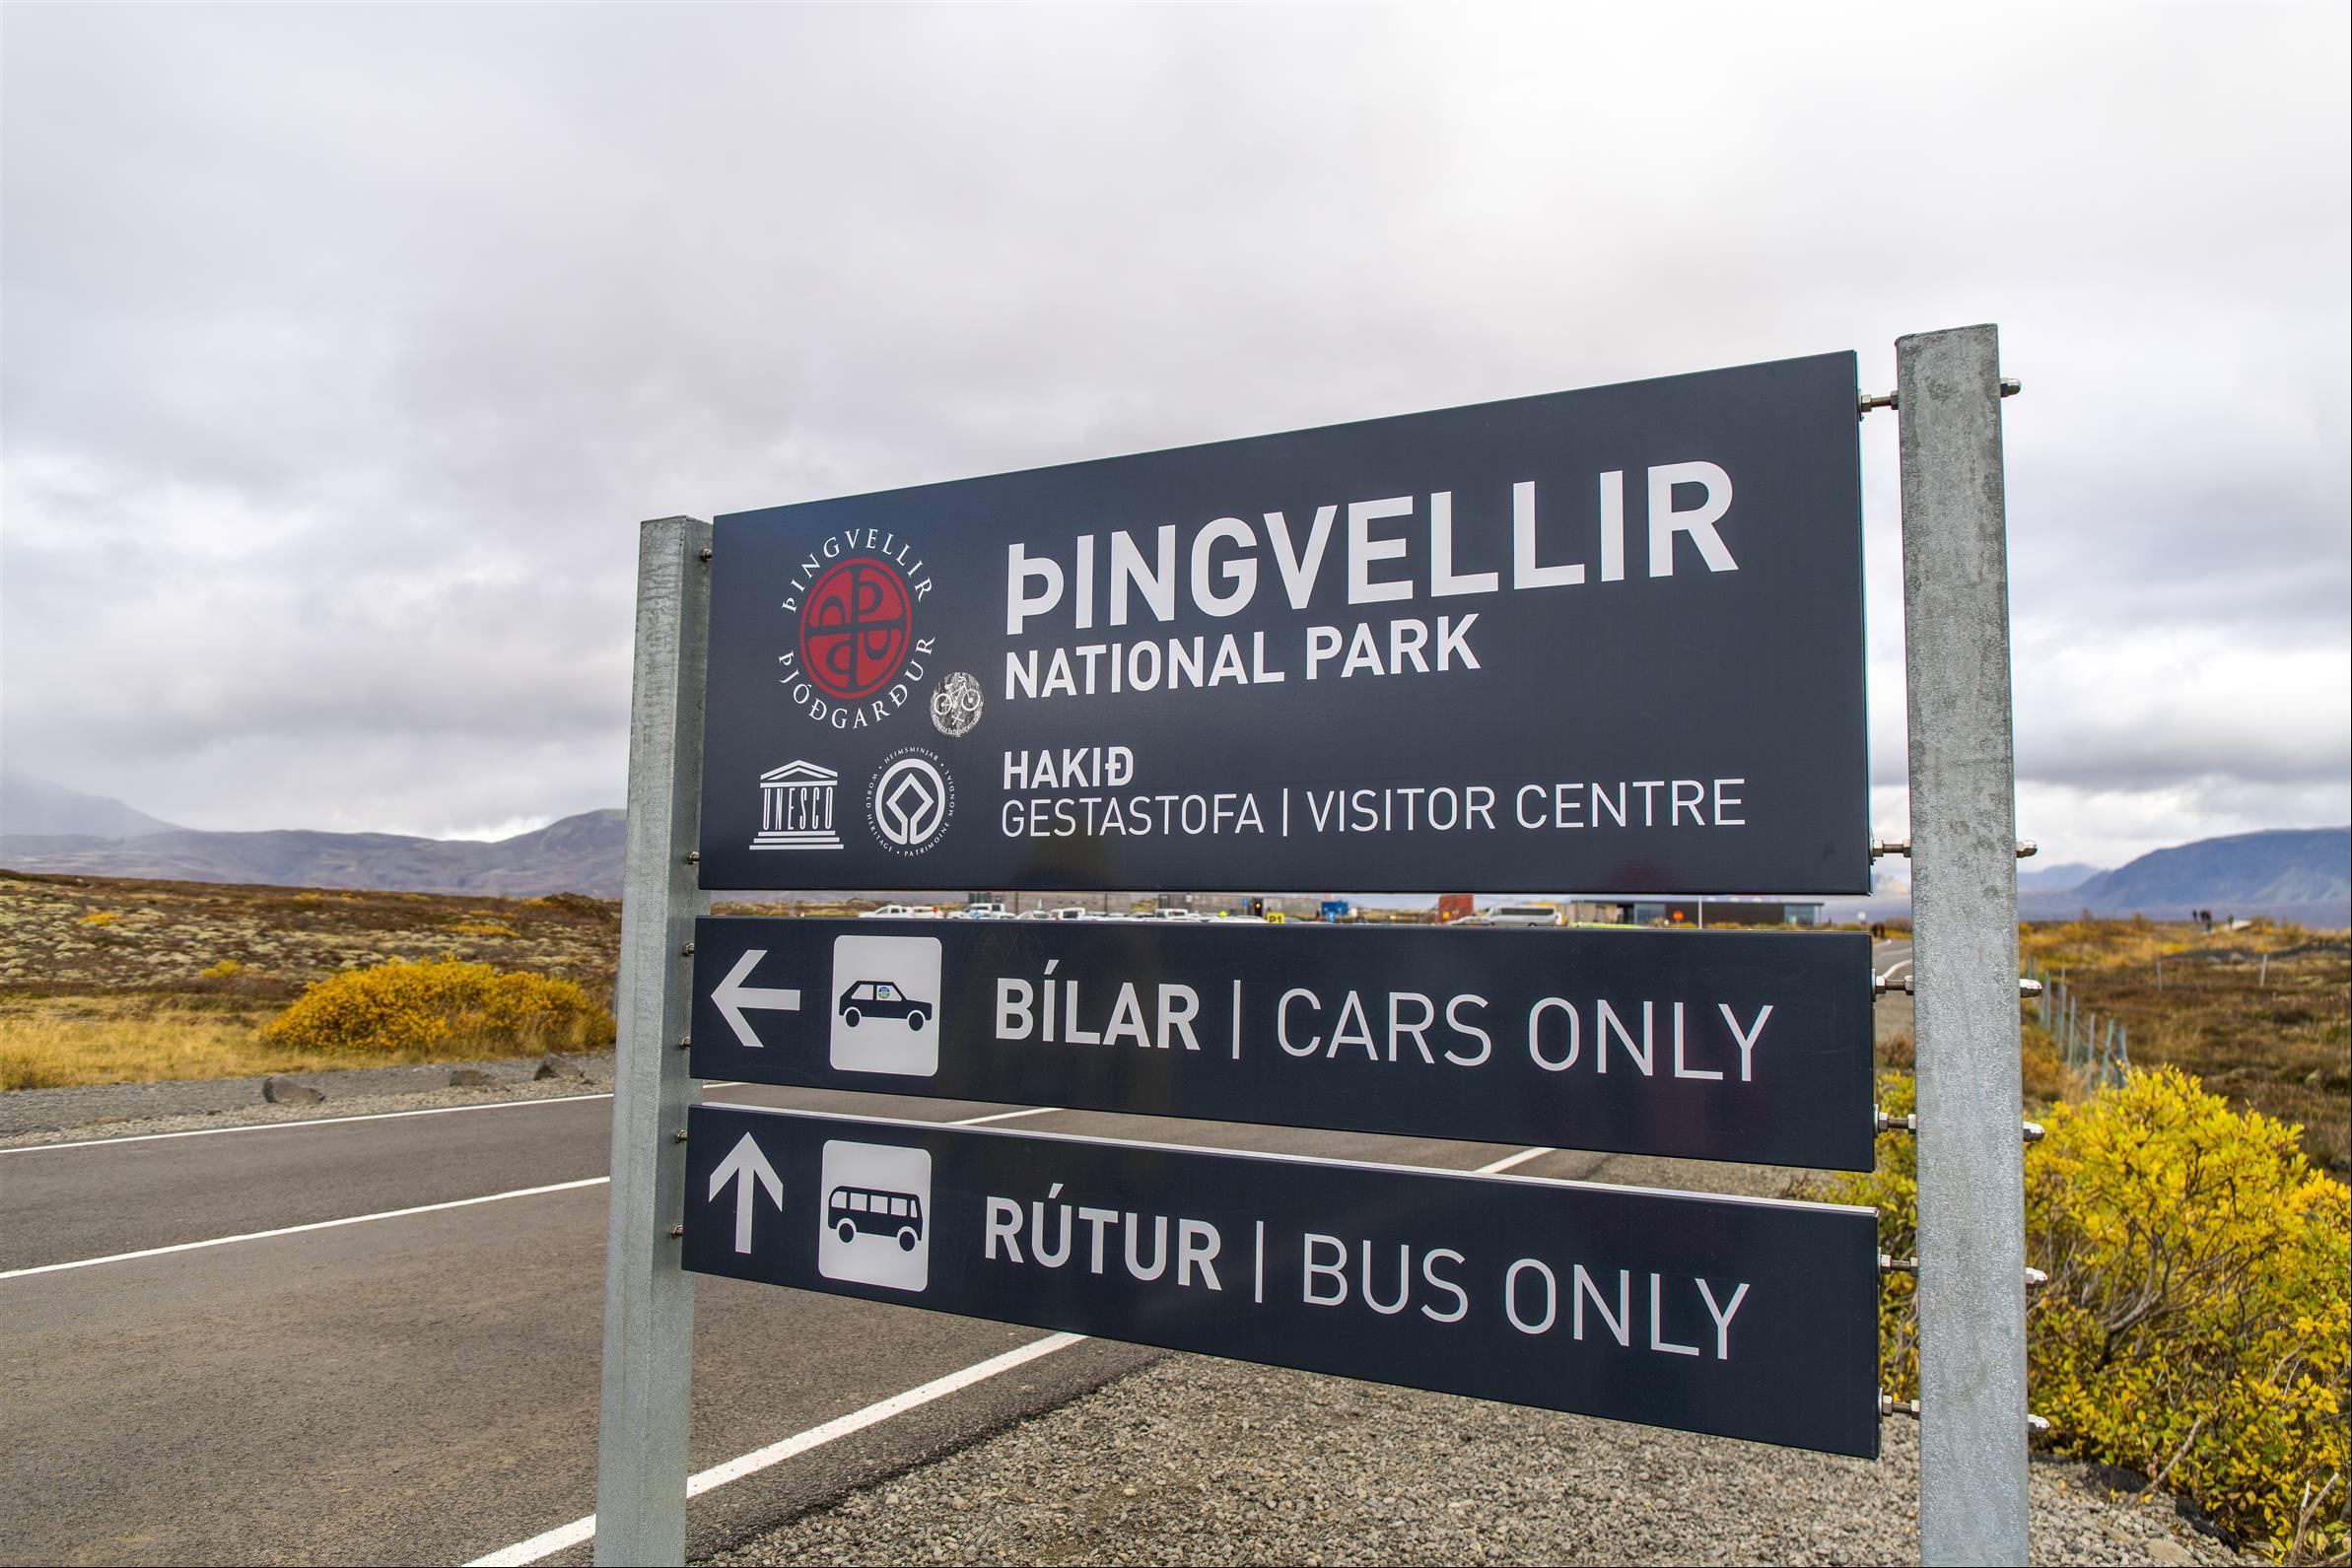 辛格維爾國家公園 Thingvellir